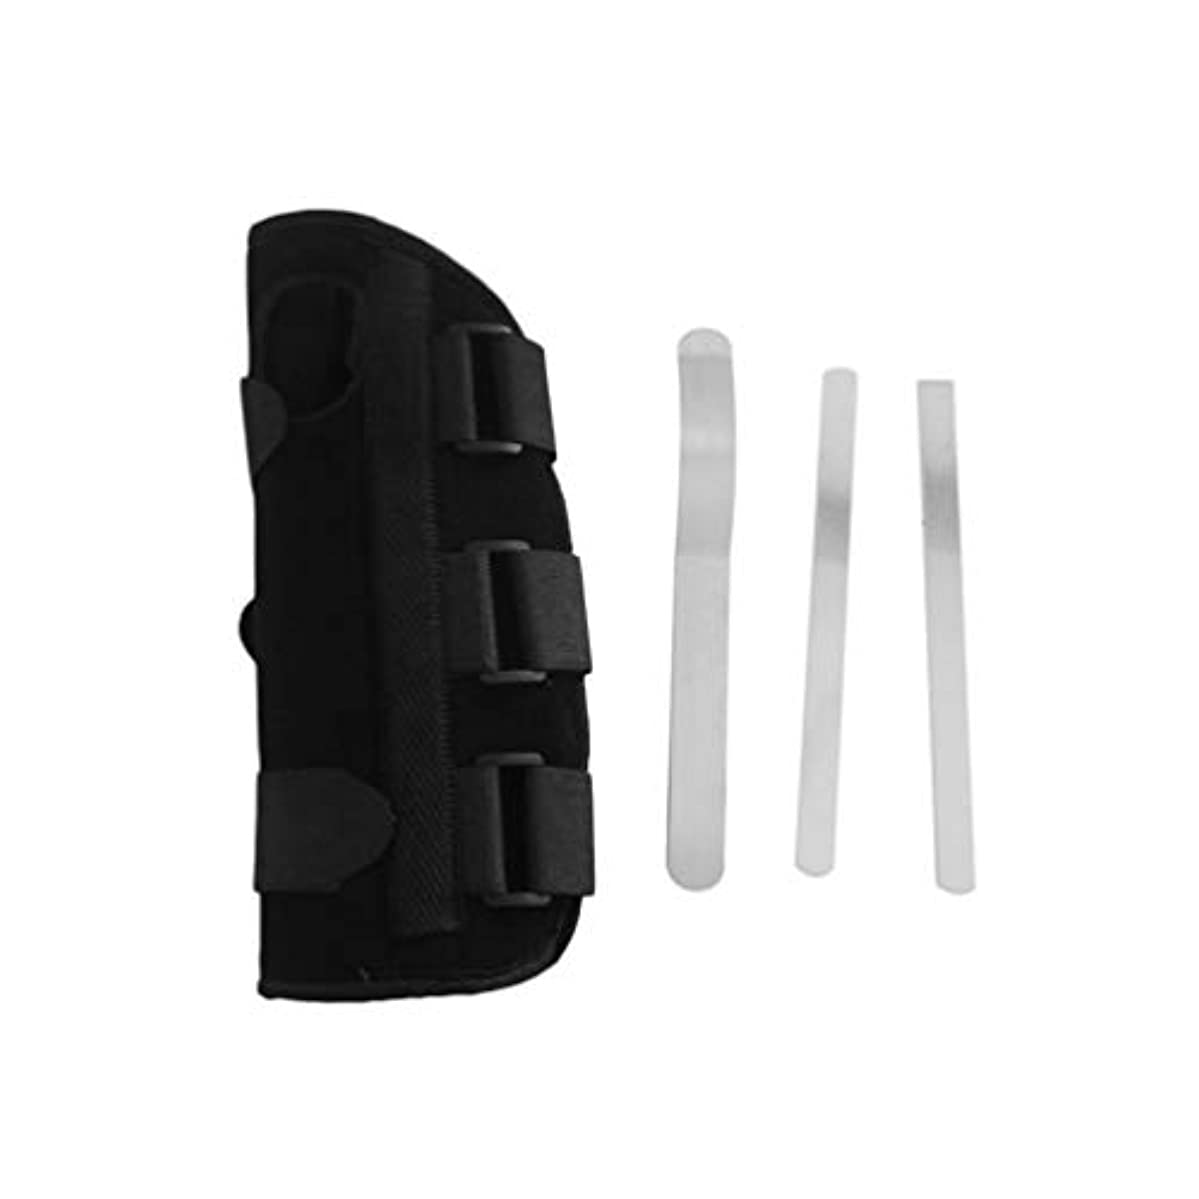 掃くせせらぎ非互換手首副木ブレース保護サポートストラップカルペルトンネルCTS RSI痛み軽減リムーバブル副木快適な軽量ストラップ - ブラックM